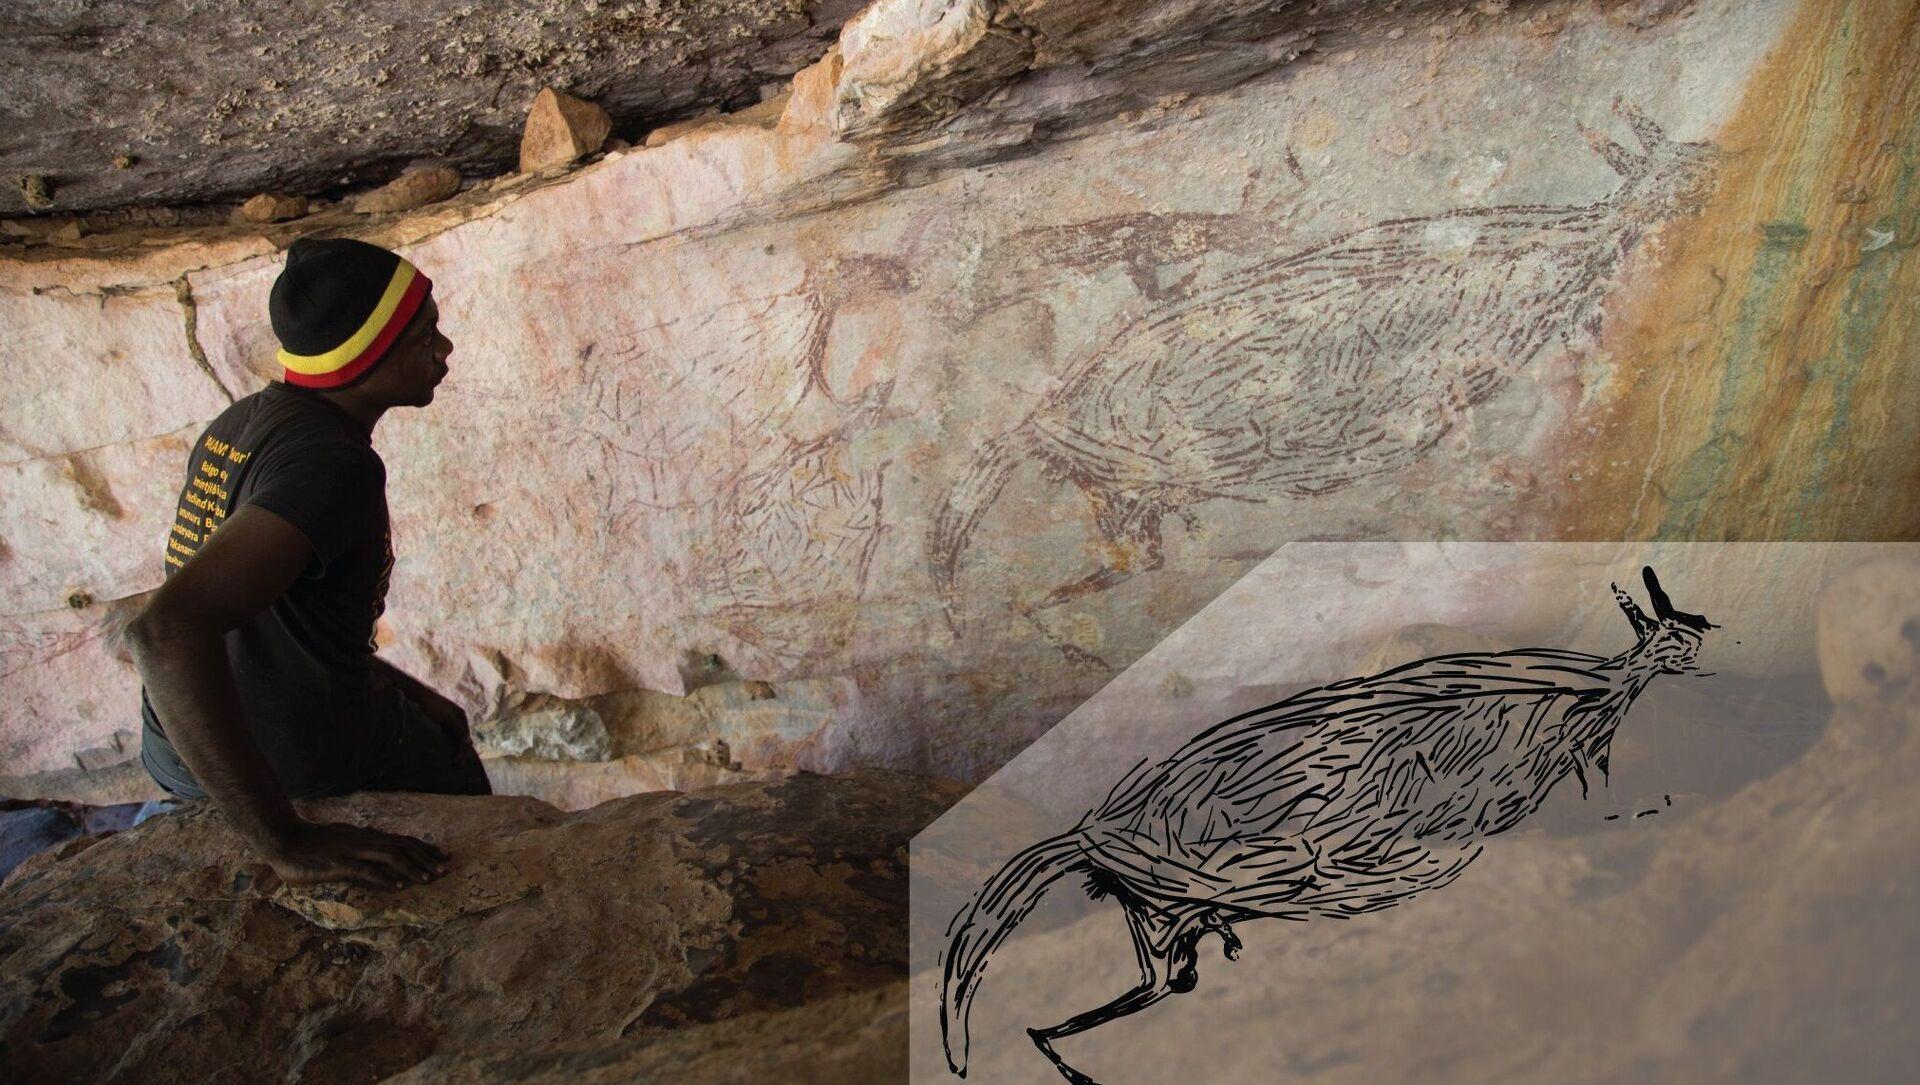 Immagine naturalistica di un canguro, di età superiore ai 12.700 anni - Sputnik Italia, 1920, 23.02.2021